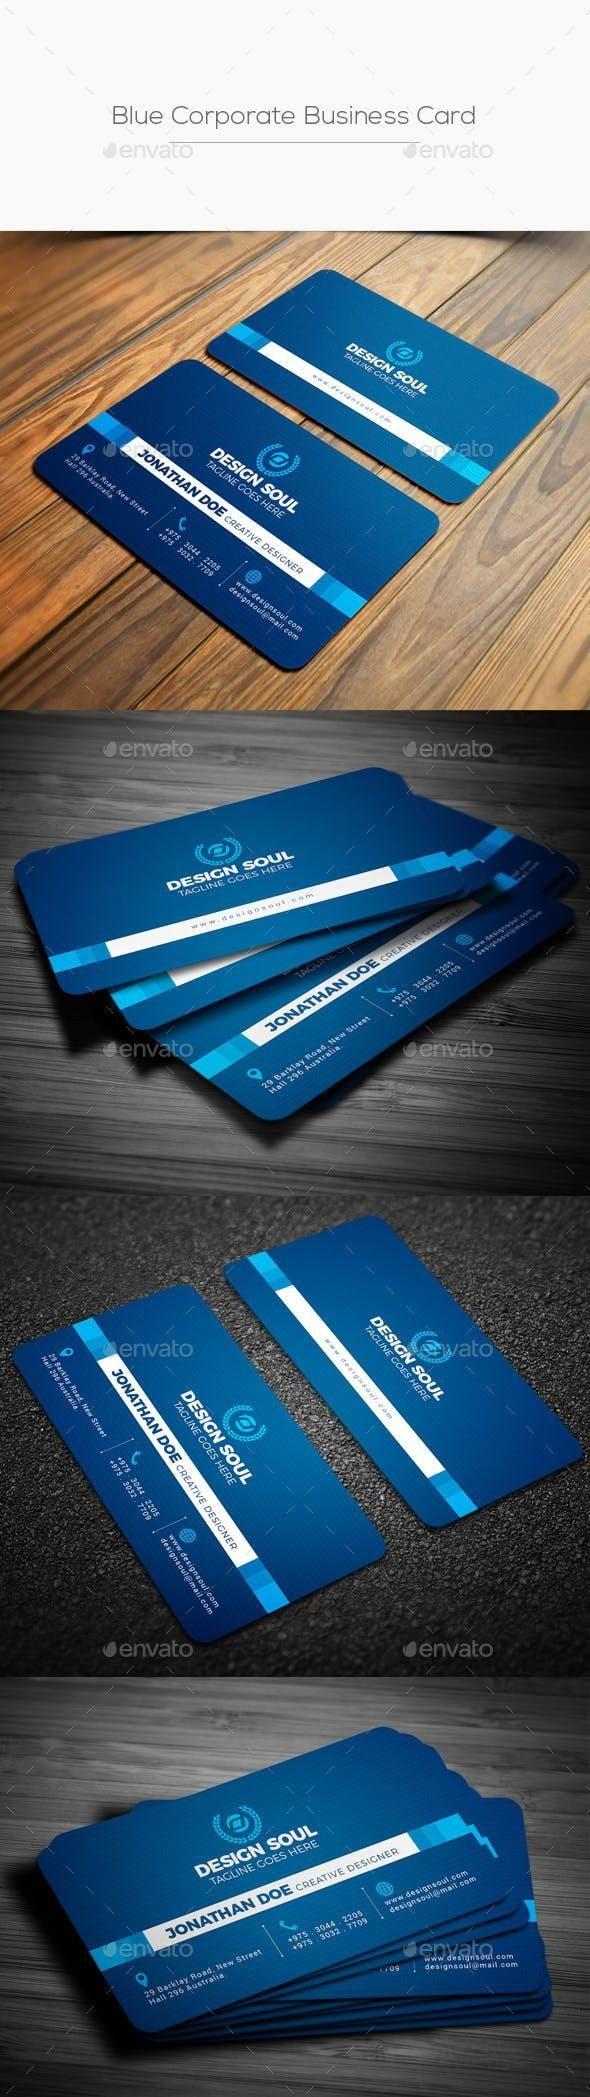 Blue Corporate Business Card Unique Business Cards Corporate Business Card Create Business Cards